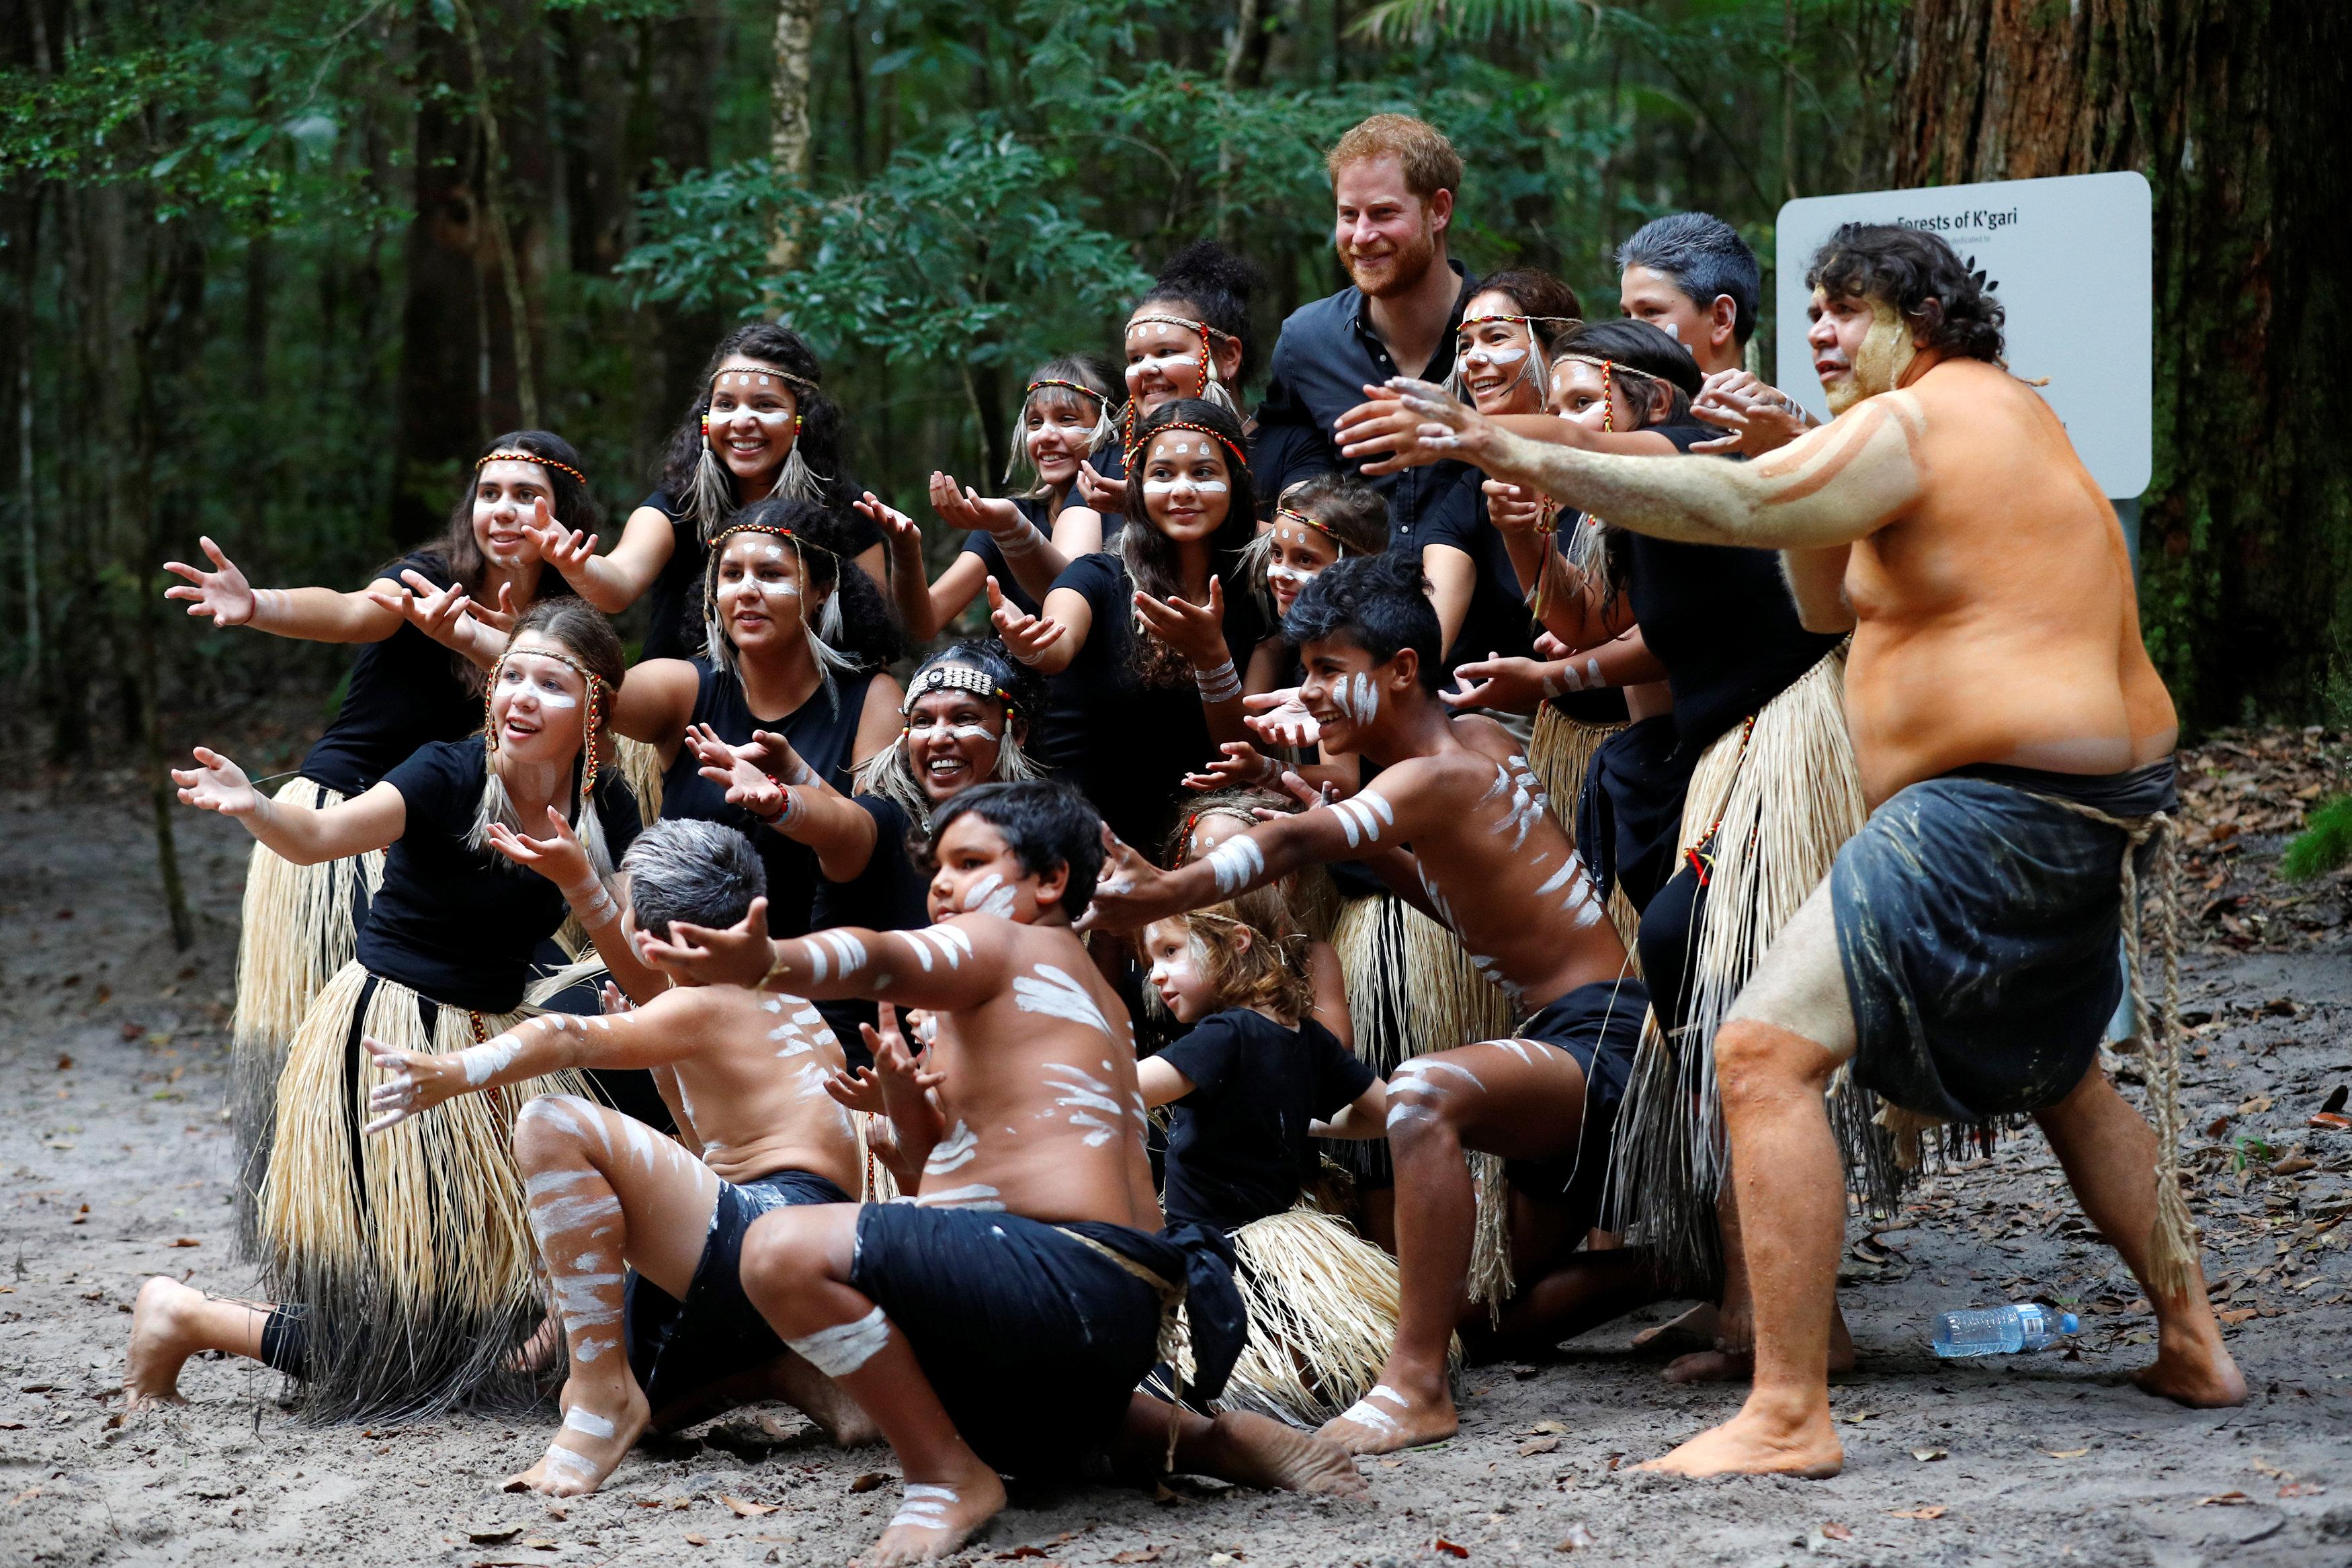 هارى يلتقط صورة تذكارية مع عدد من سكان الجزيرة الأصليين